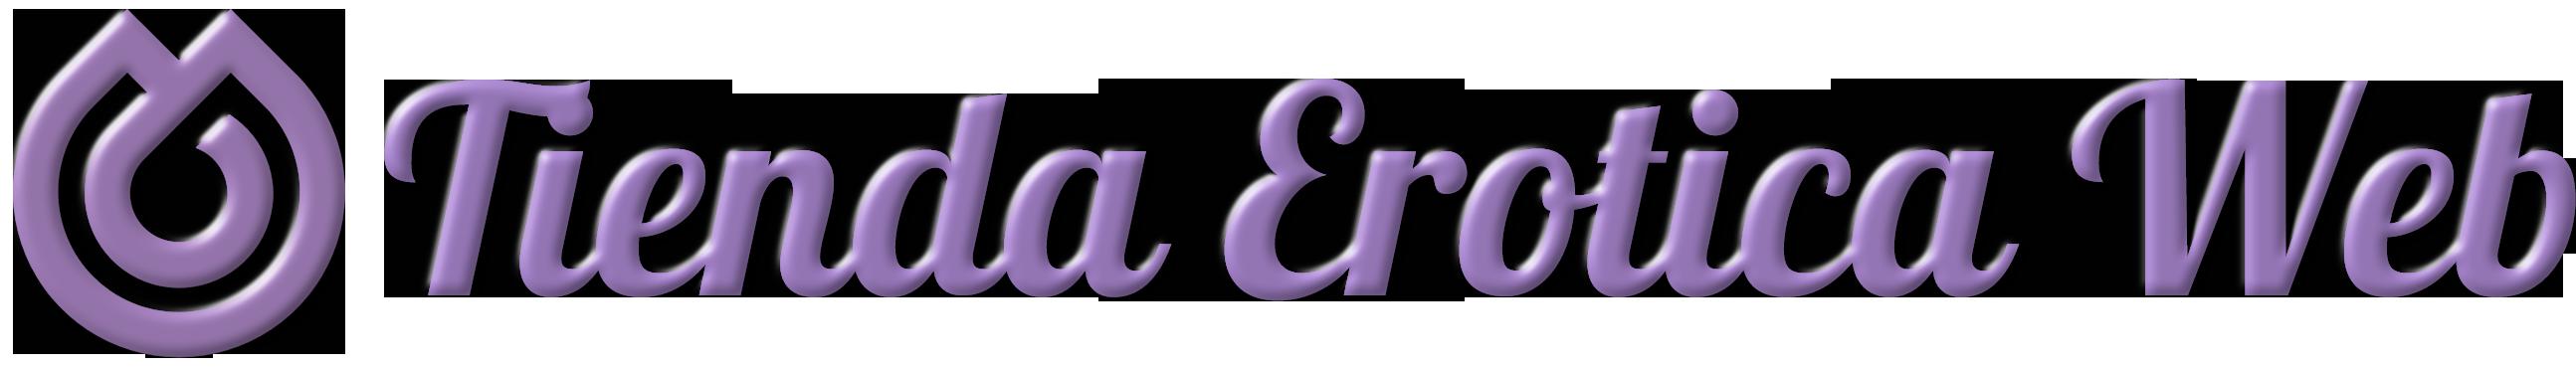 Tienda Erótica Web